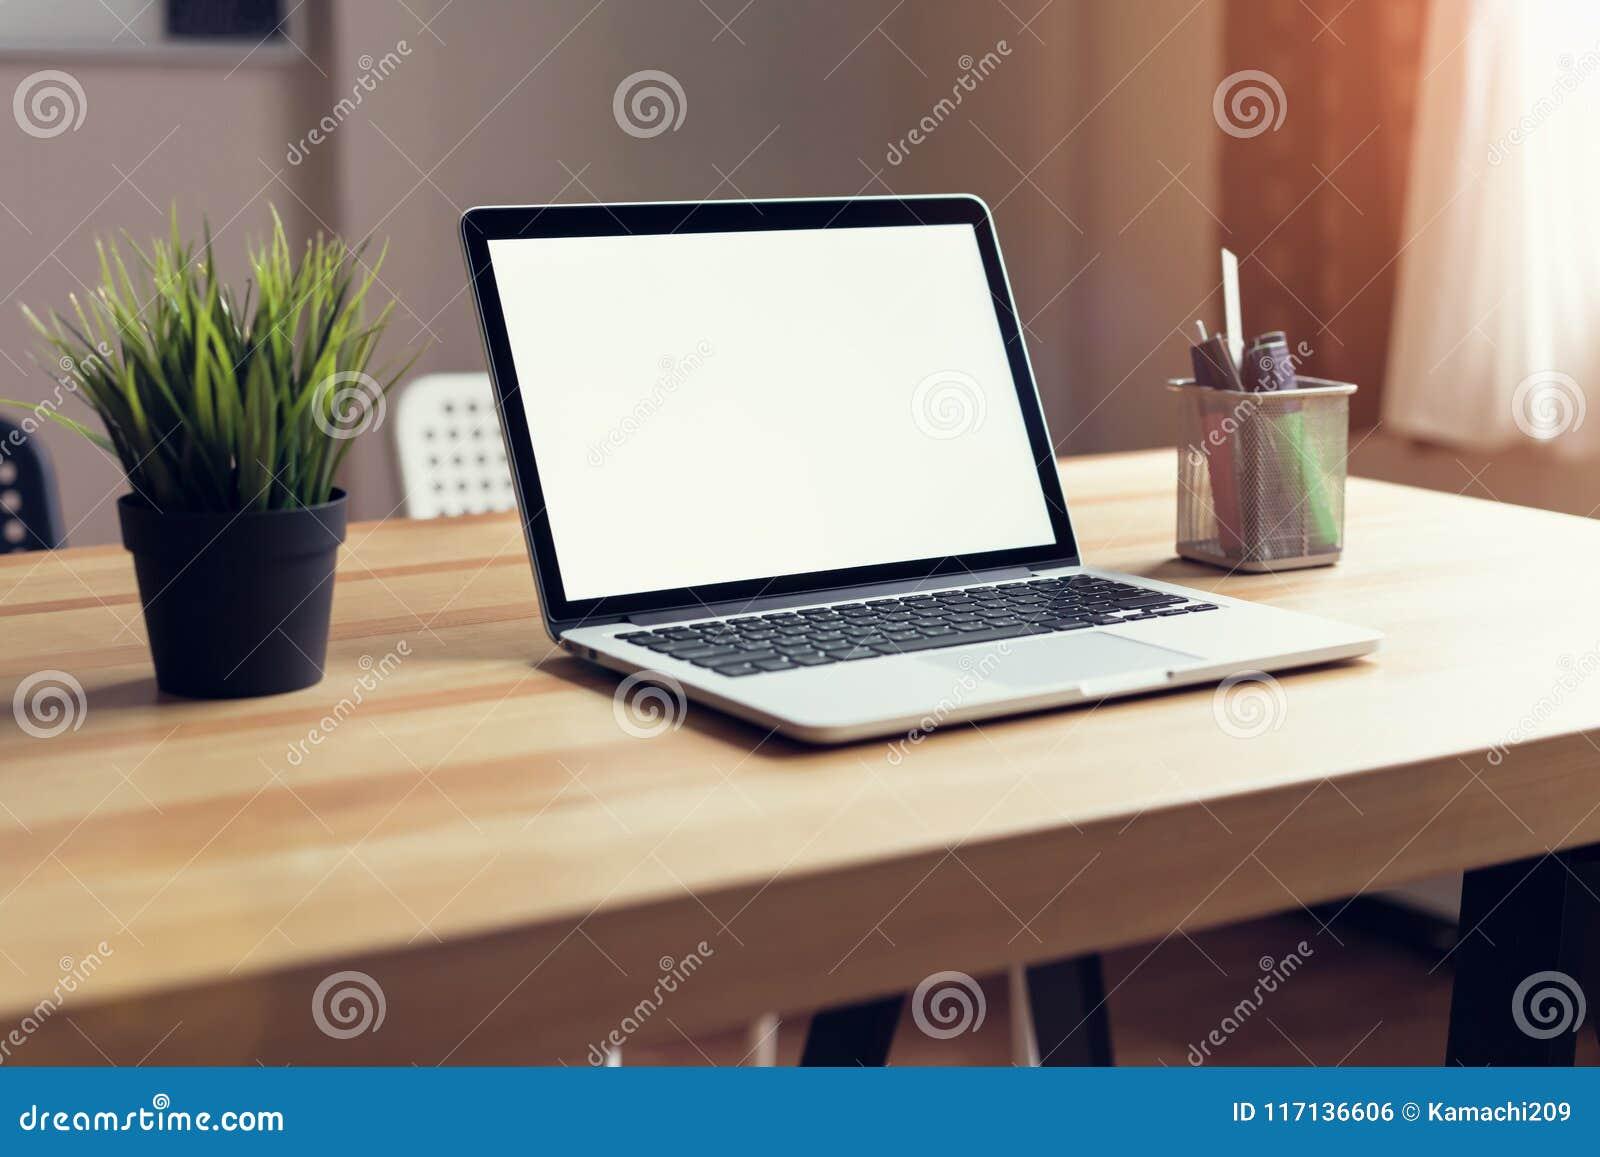 Ordinateur portable sur la table à l arrière plan de pièce de